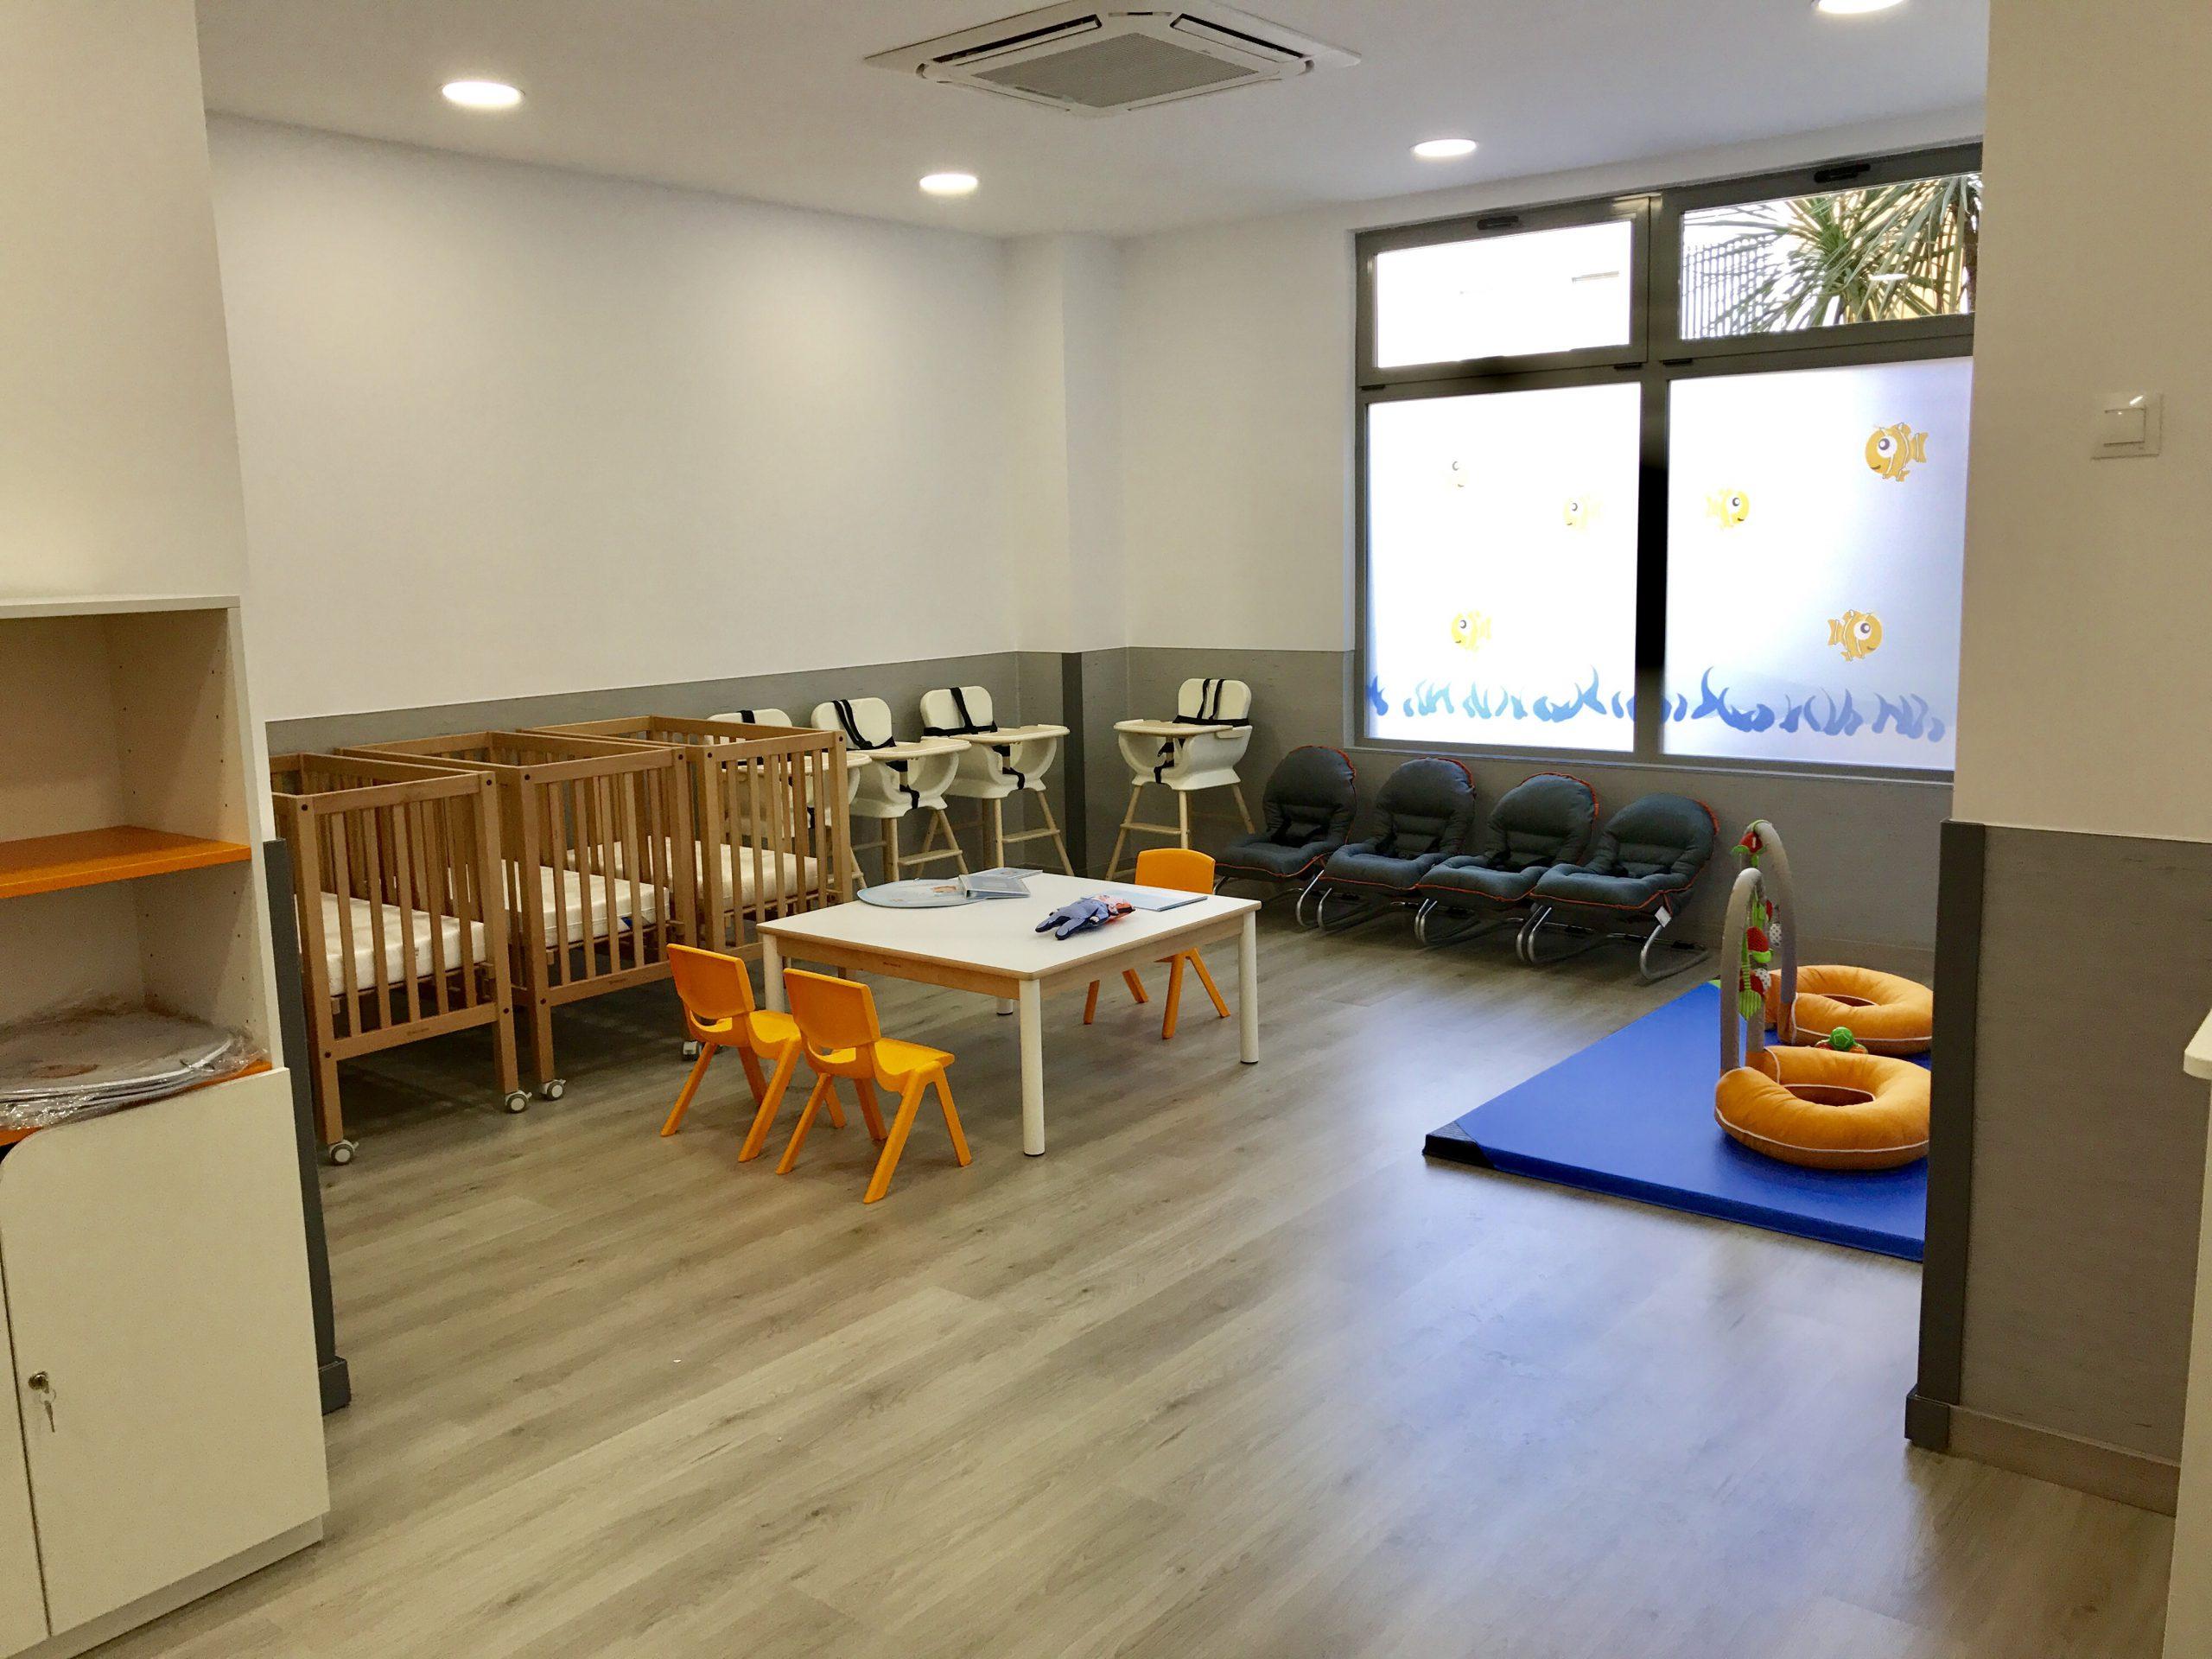 Aula bebes Guarderia Nemomarlin Alcobendas